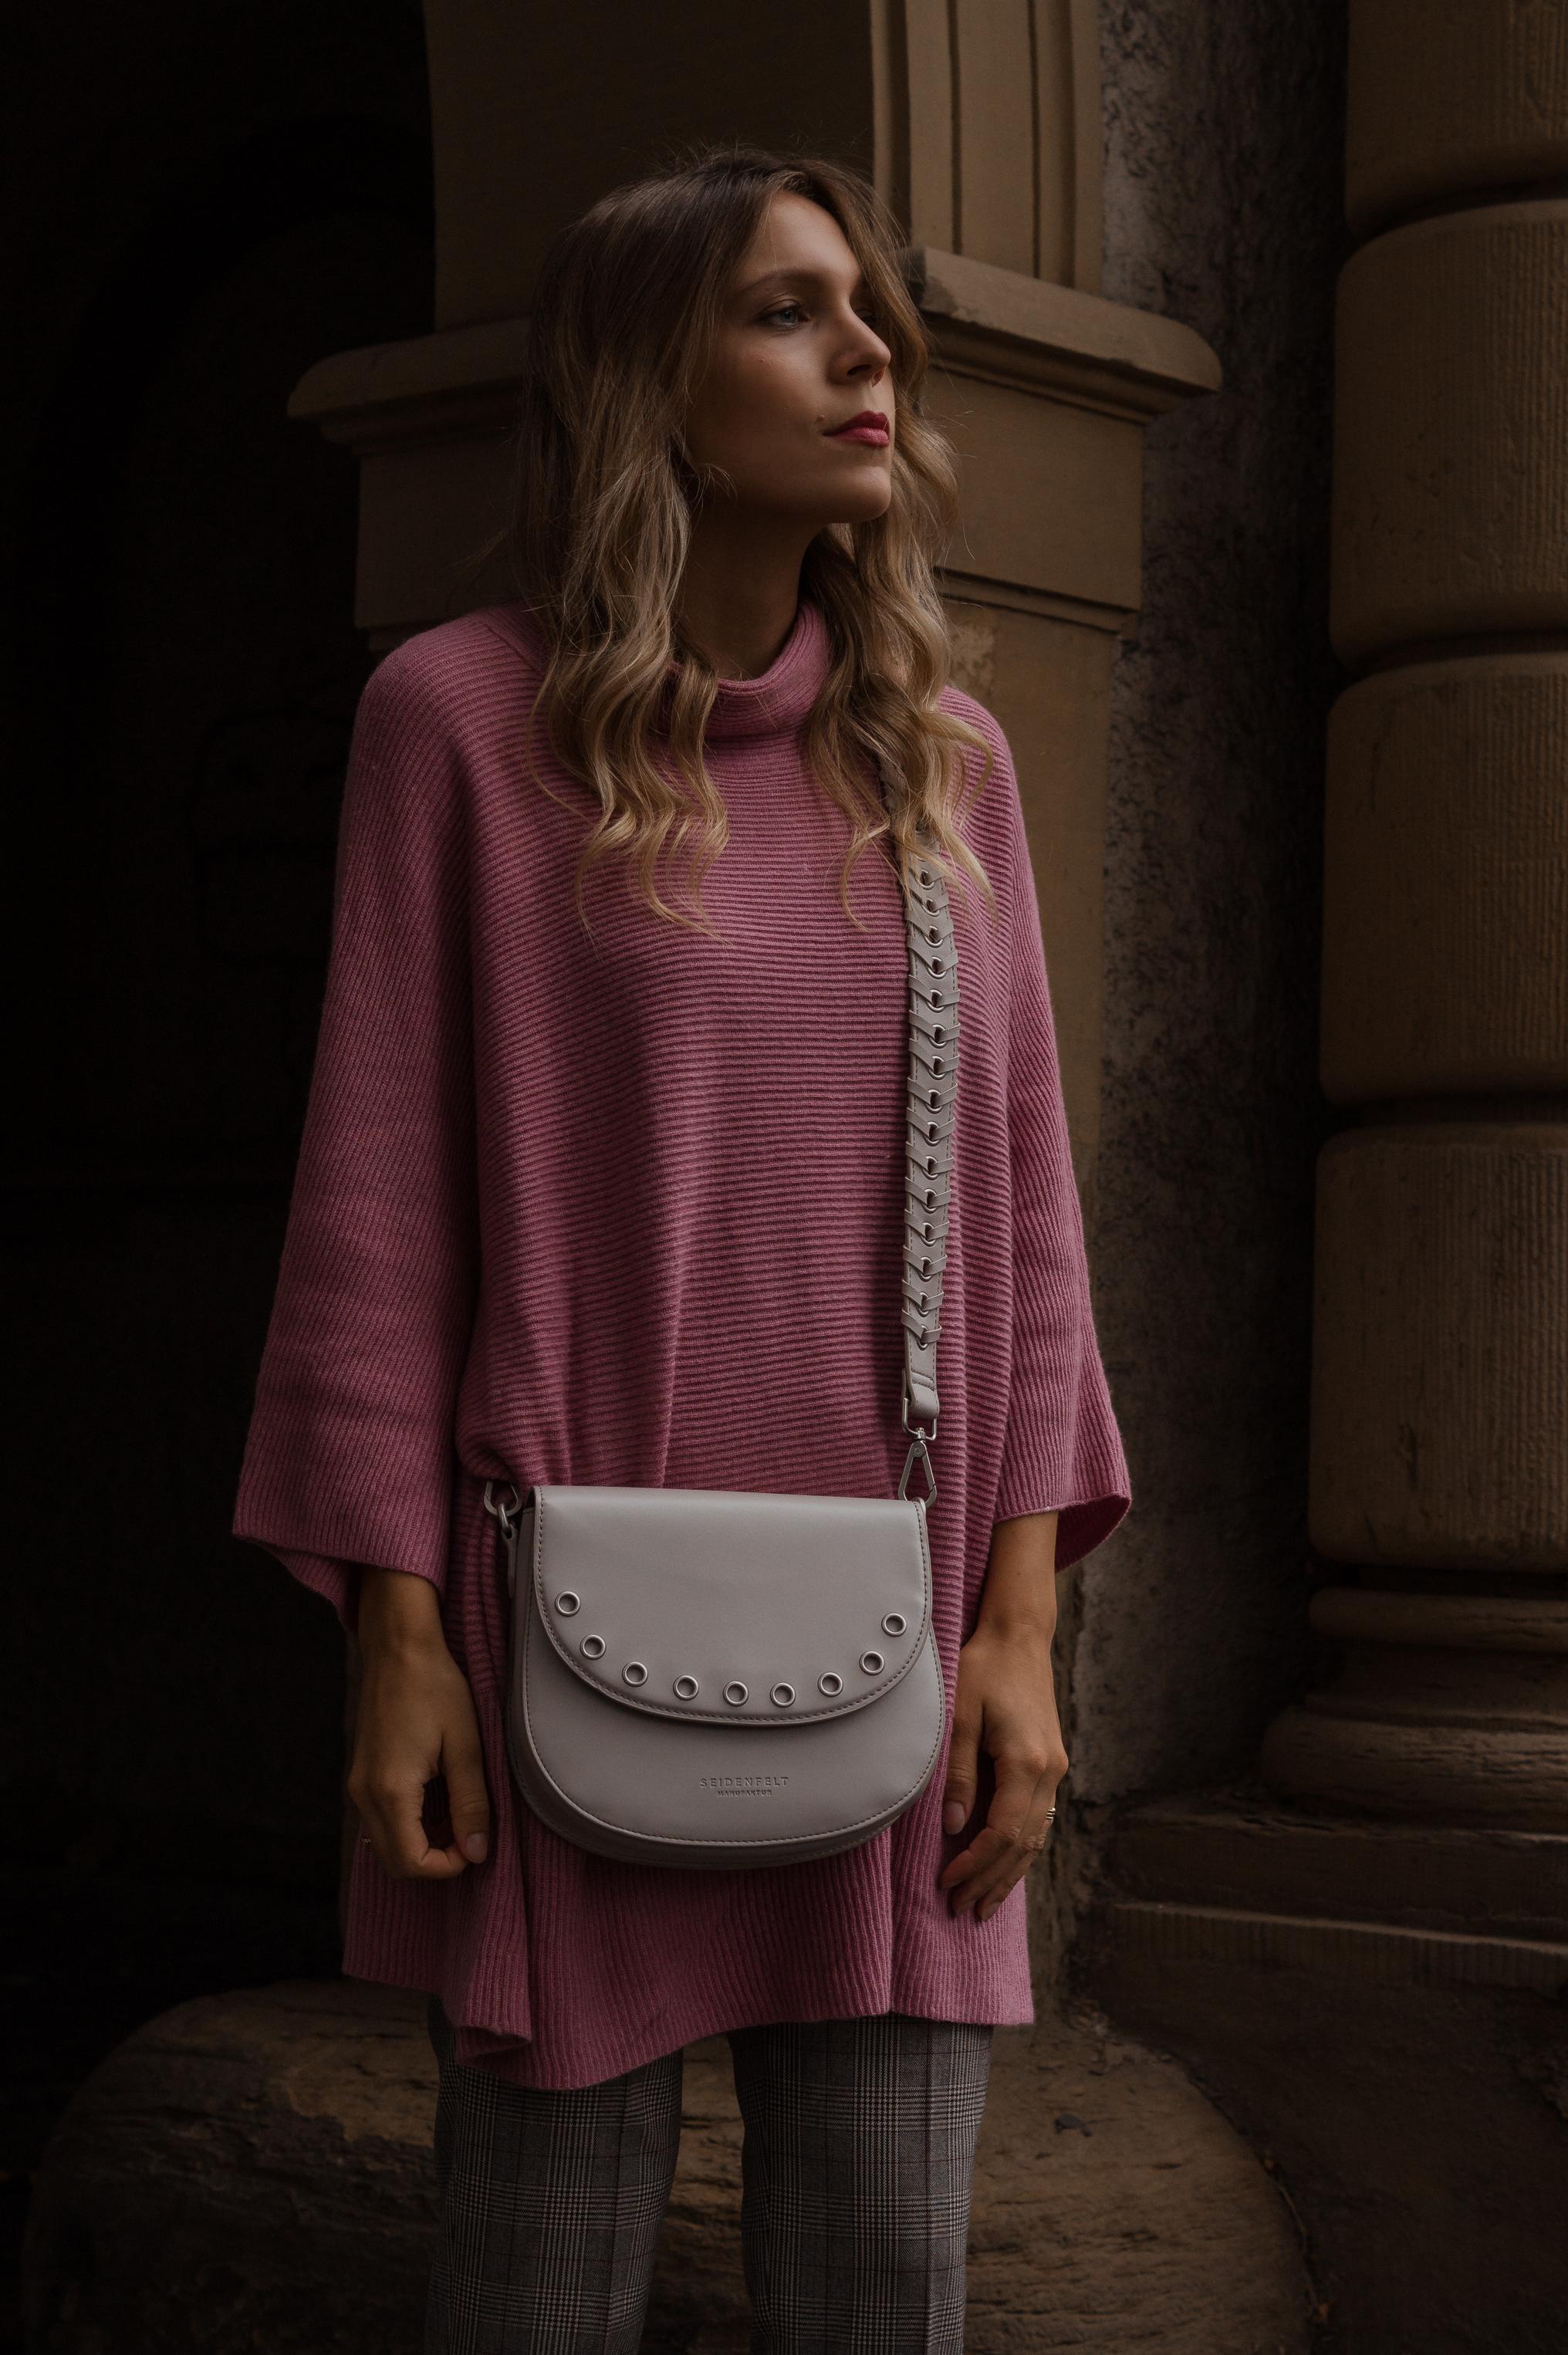 Instagram-Frust Seidenfelt Tasche Modeblogger Heidelberg Sariety Fashionblog Sarah Schäfer karierte Hose rote Lackschuhe_5